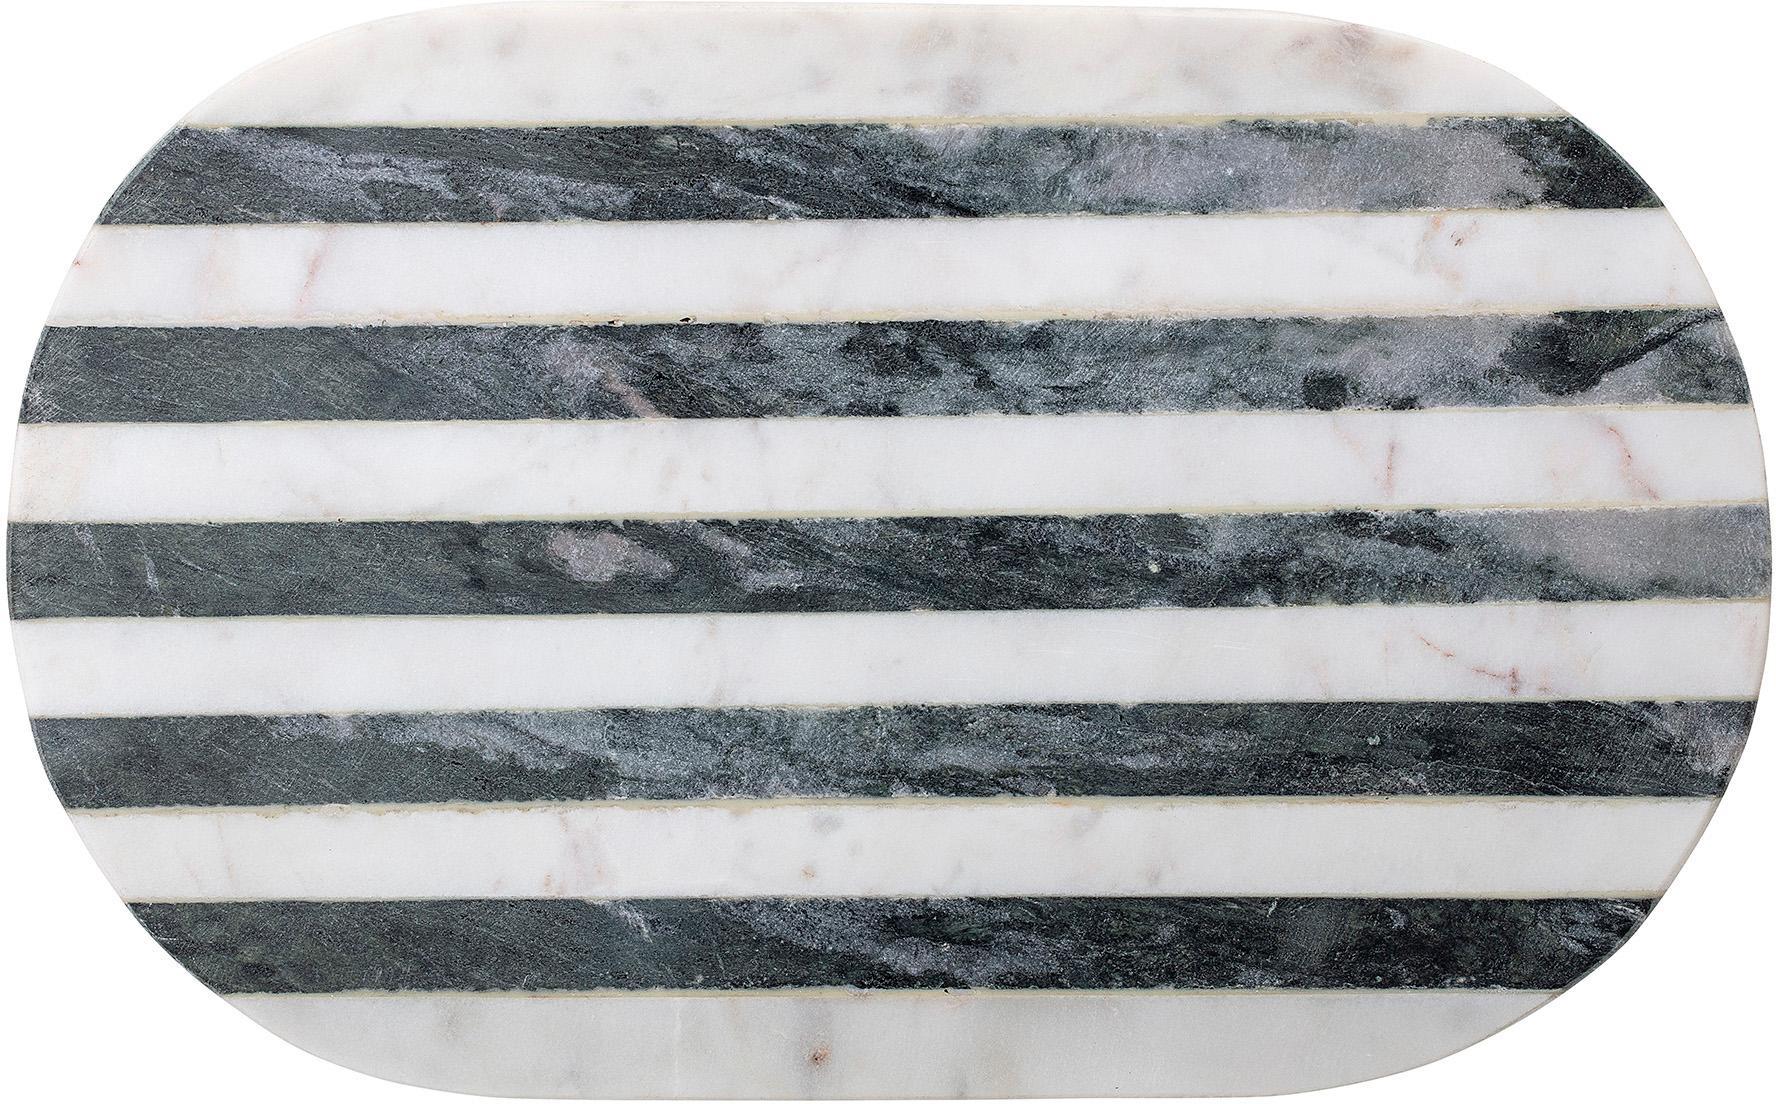 Deska do krojenia z marmuru Stripes, Marmur, Czarny, biały, S 37 x G 23 cm